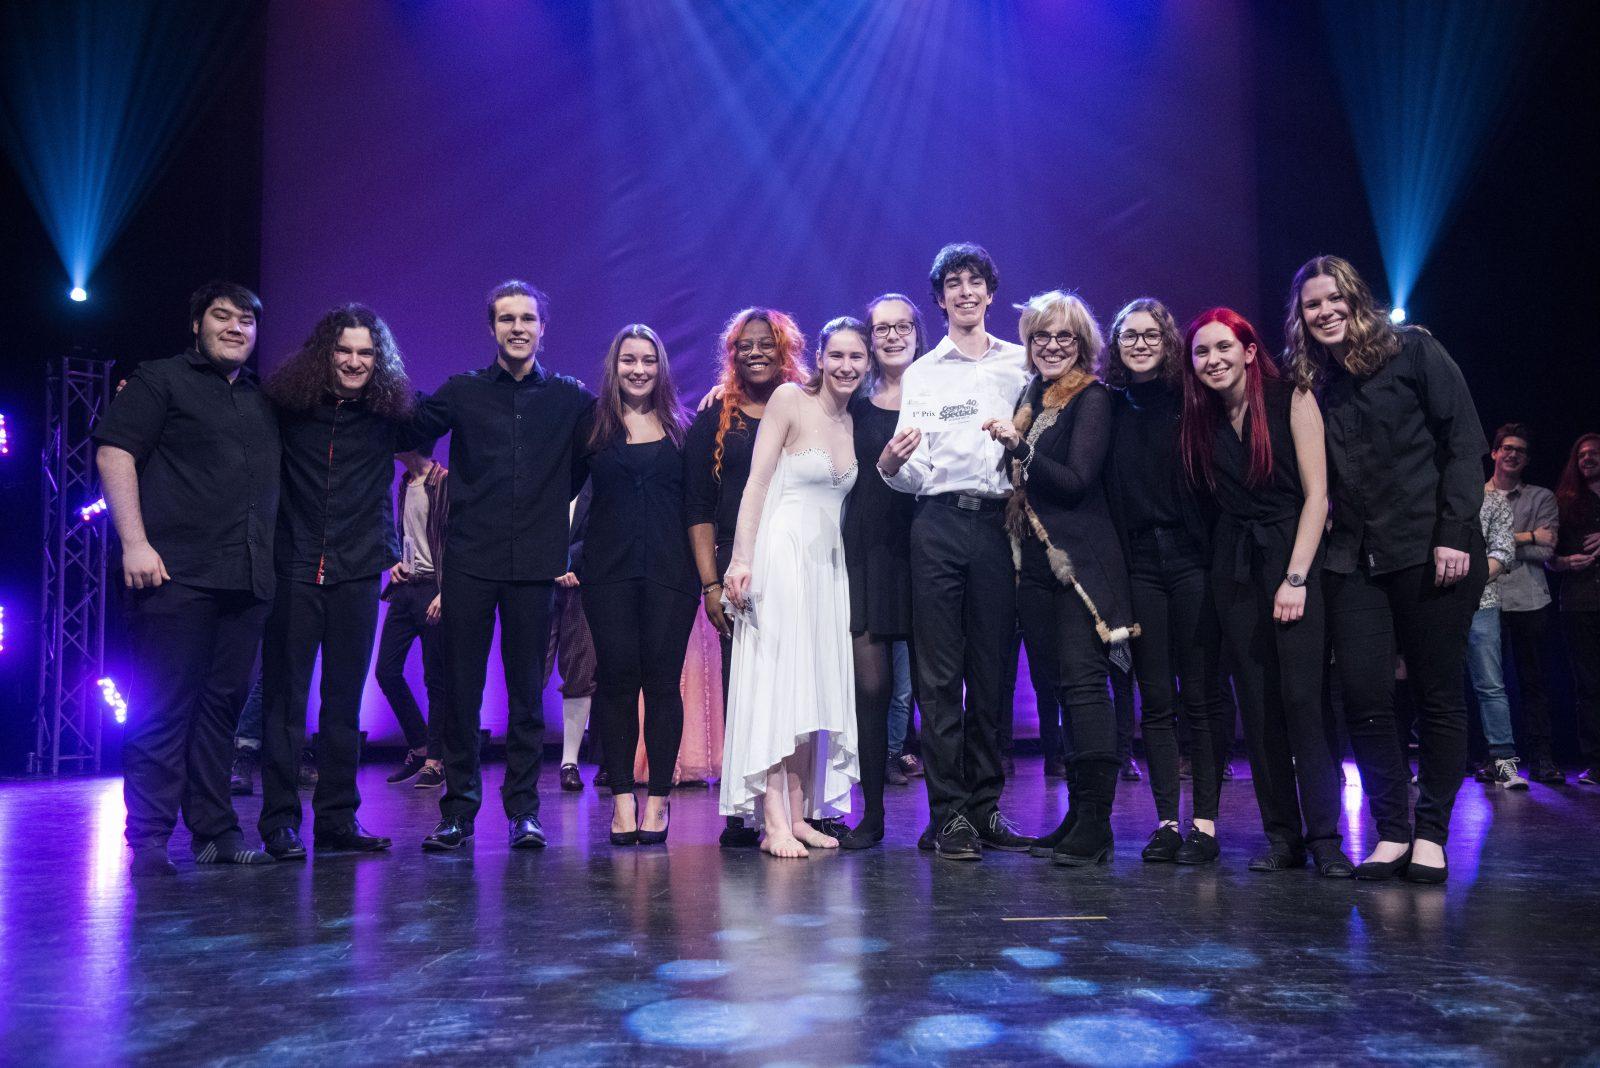 Samuel Fecteau et ses musiciens à la finale régionale de Cégep en spectacle